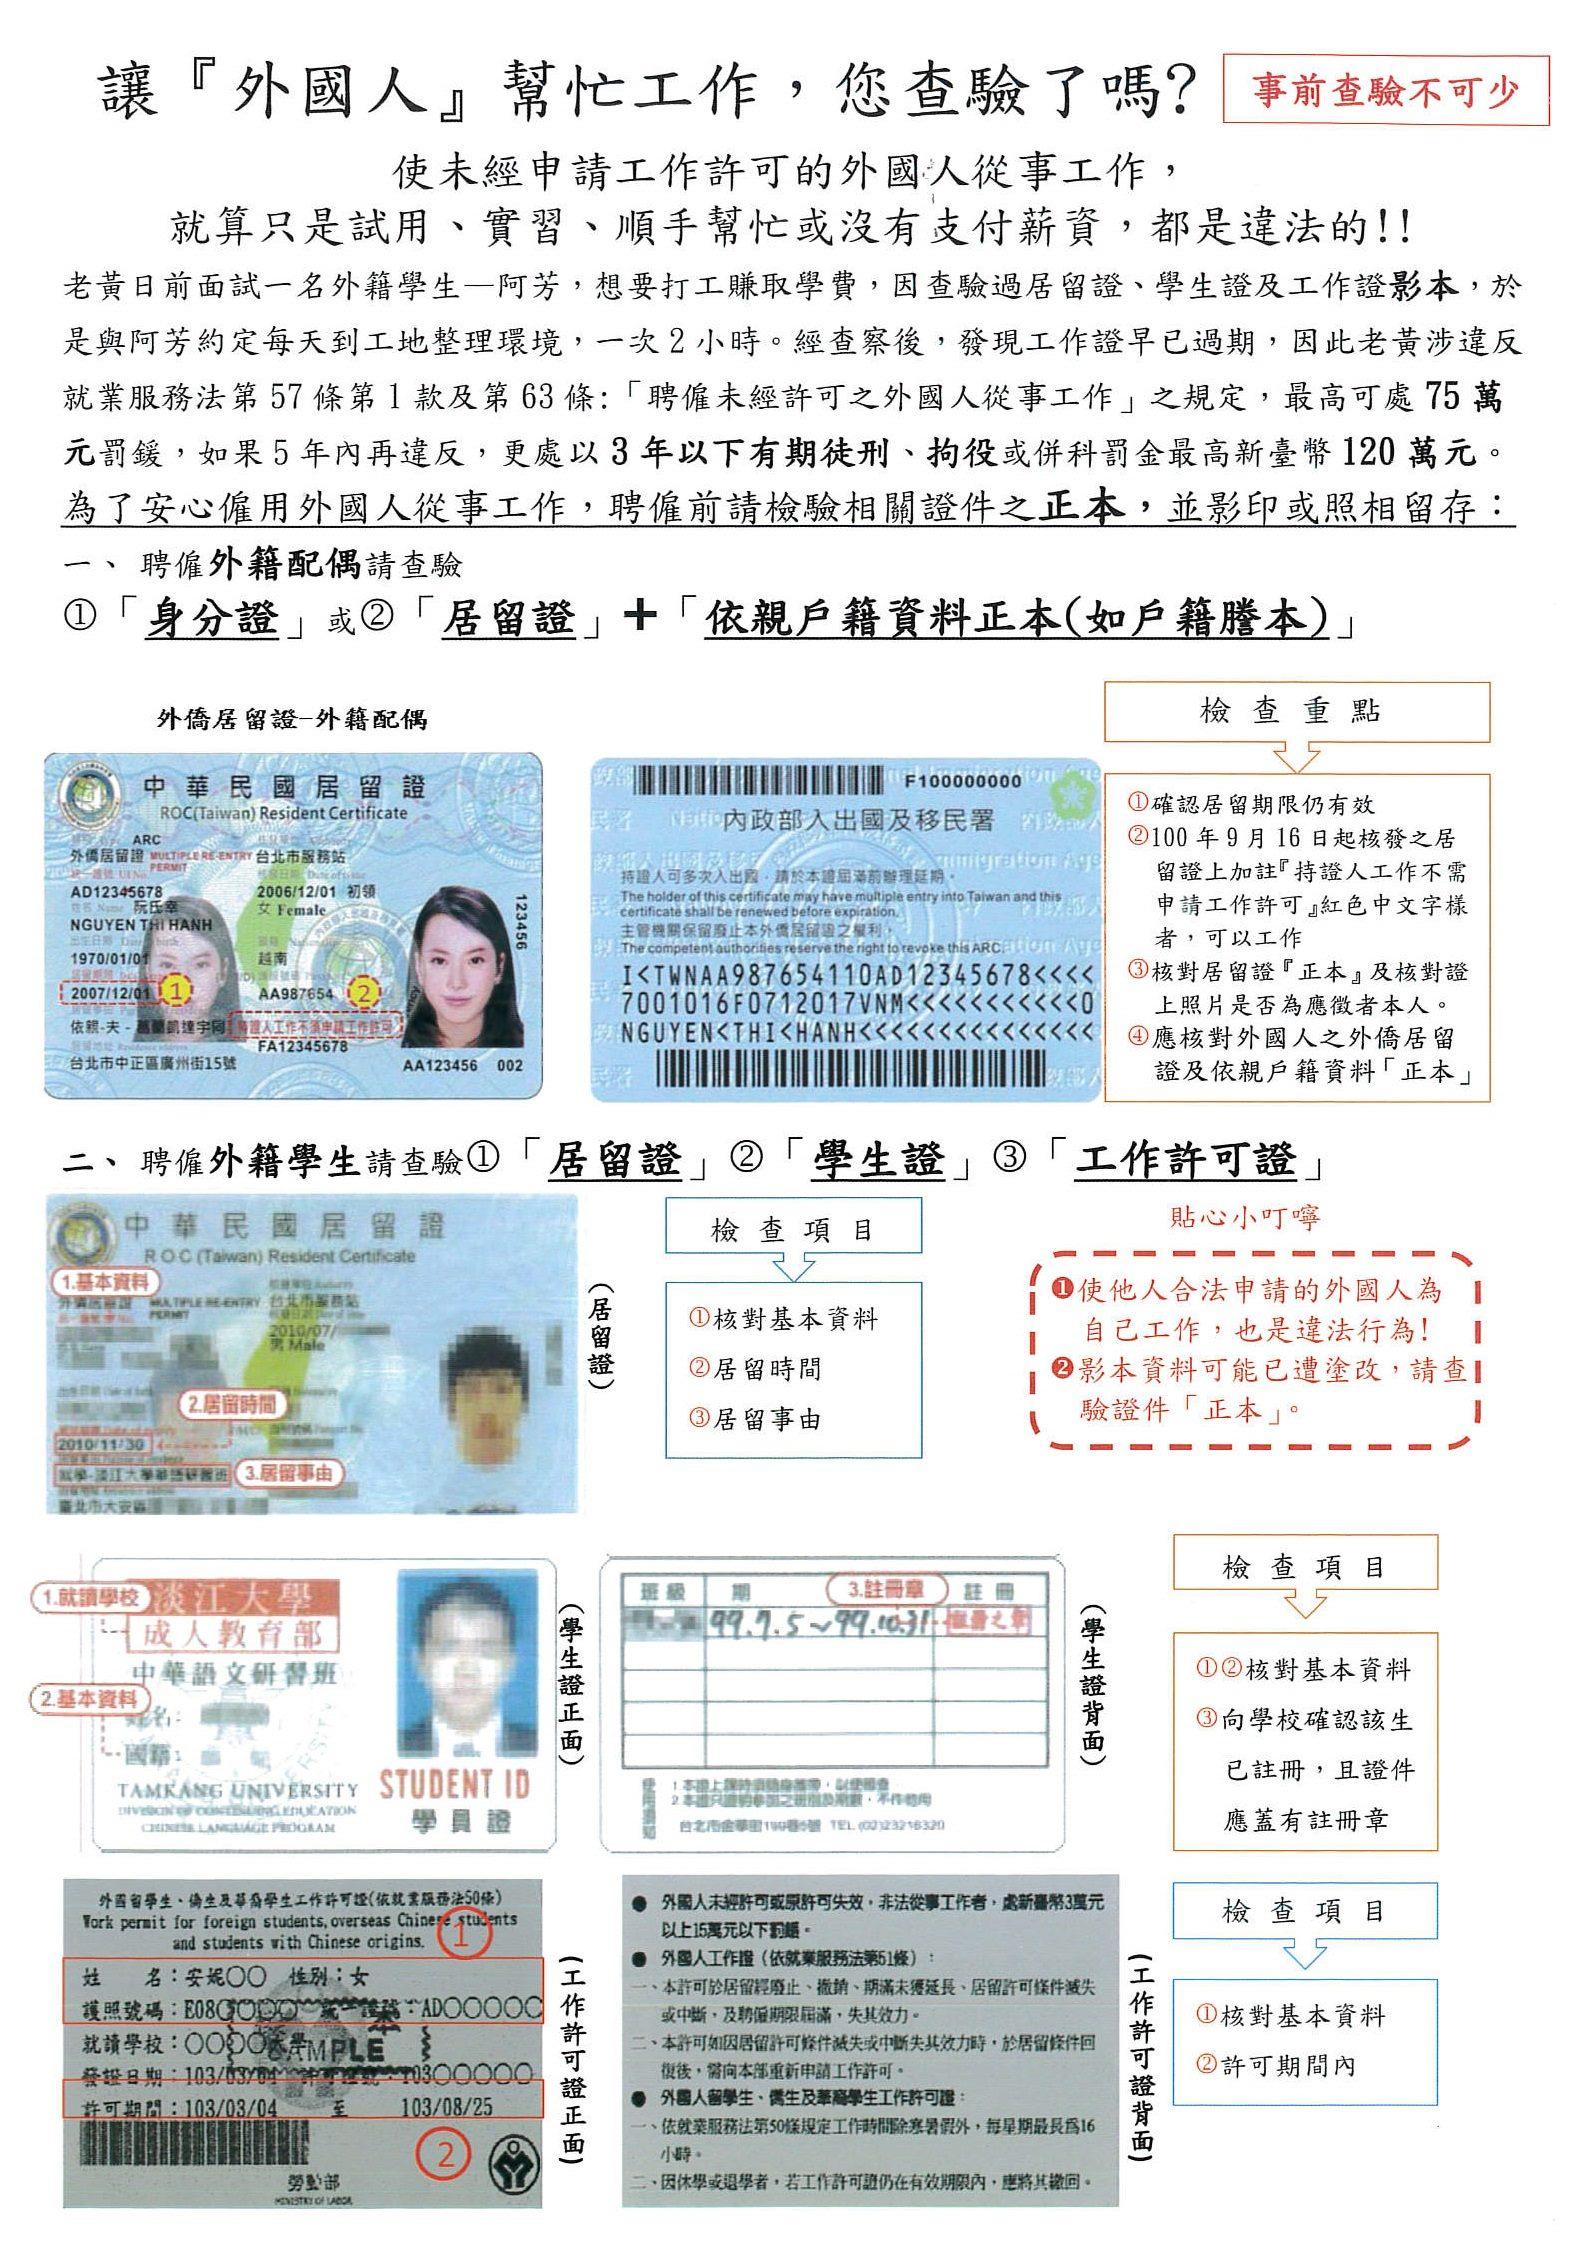 居留證、學生證、工作許可證查驗範例:1、外籍配偶請查驗身分證或居留證加上依親戶籍資料正本(如戶籍謄本)。2、外籍學生請查驗居留證、學生證及工作許可證。